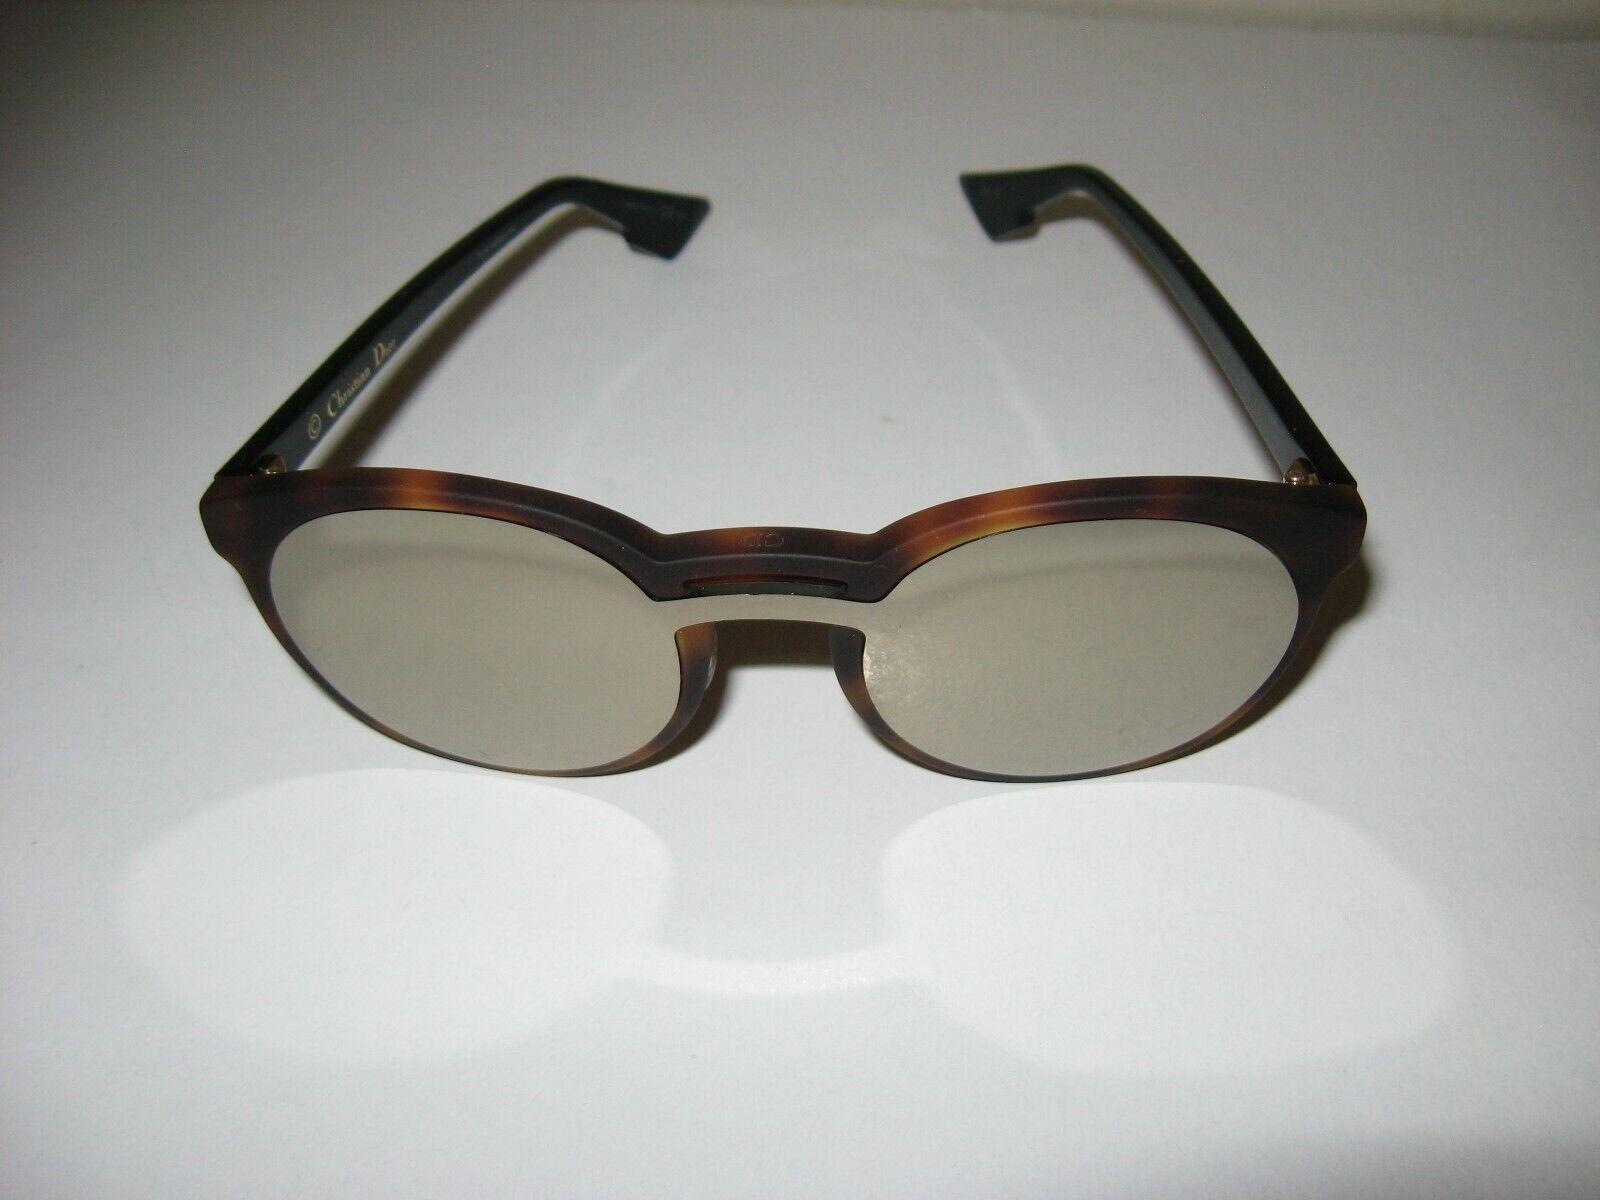 Dior Onde1 Brown Tortoiseshell Mirrored Sunglasses